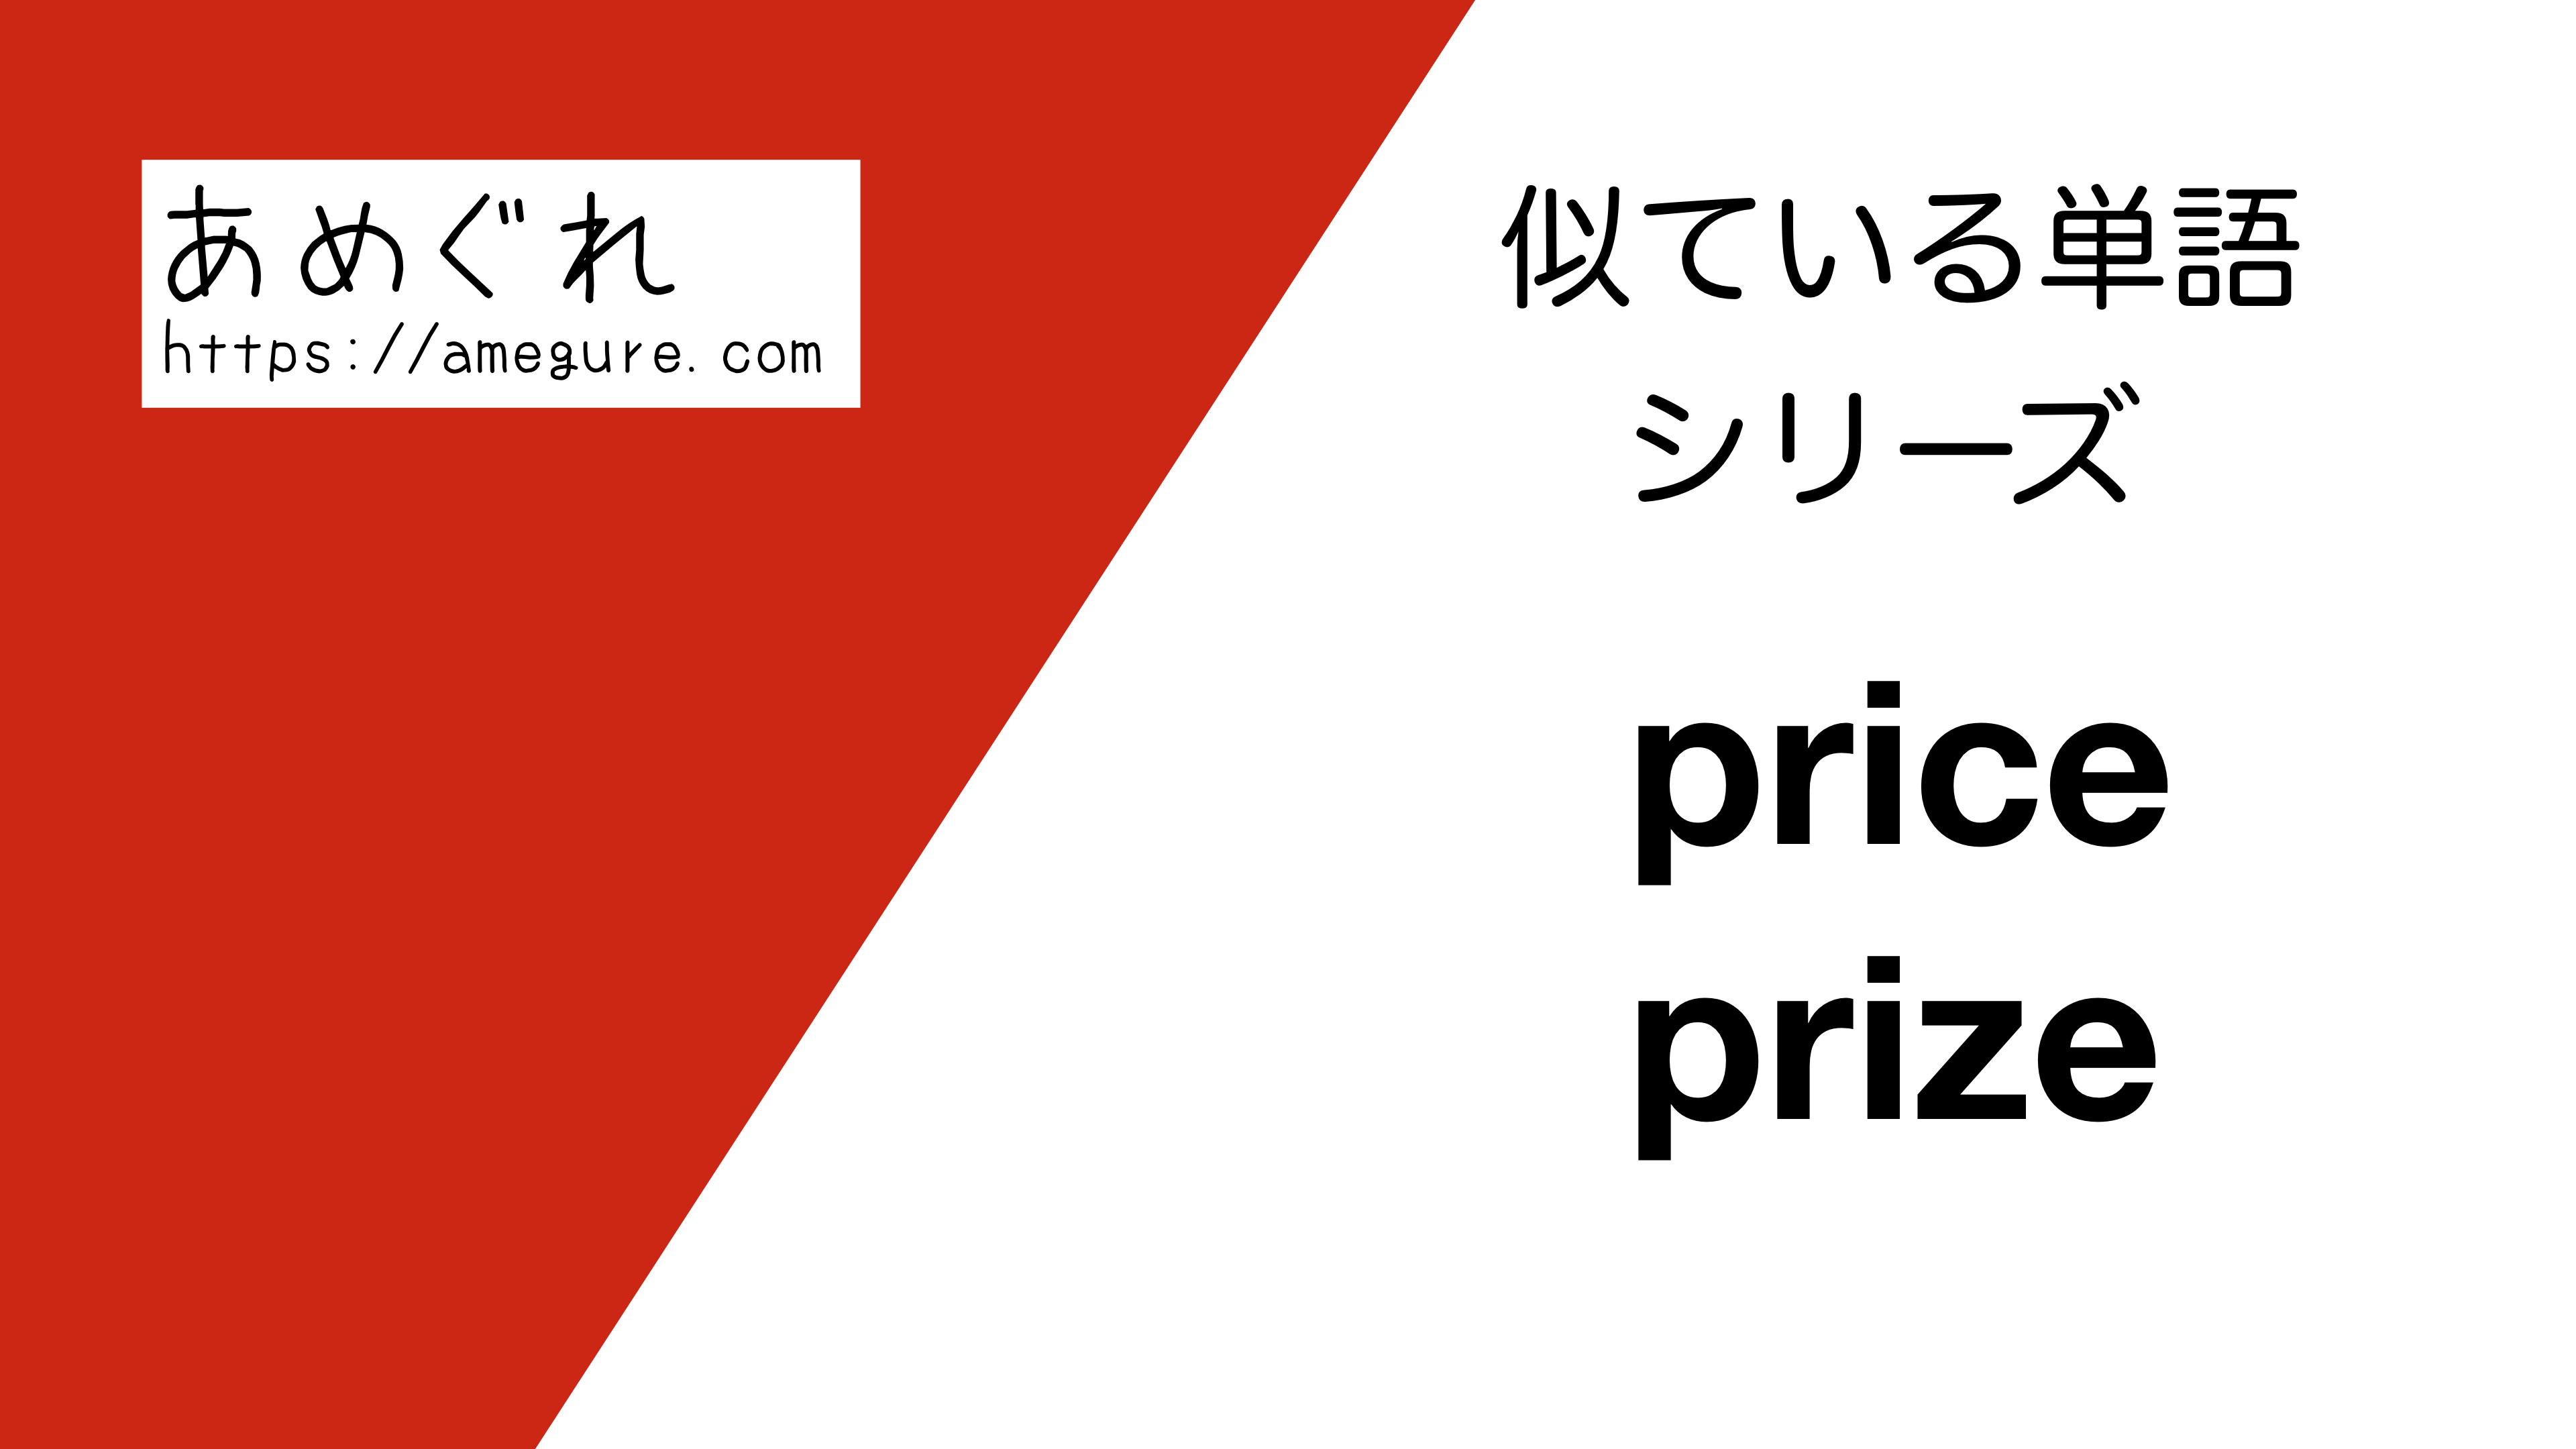 price-prize違い